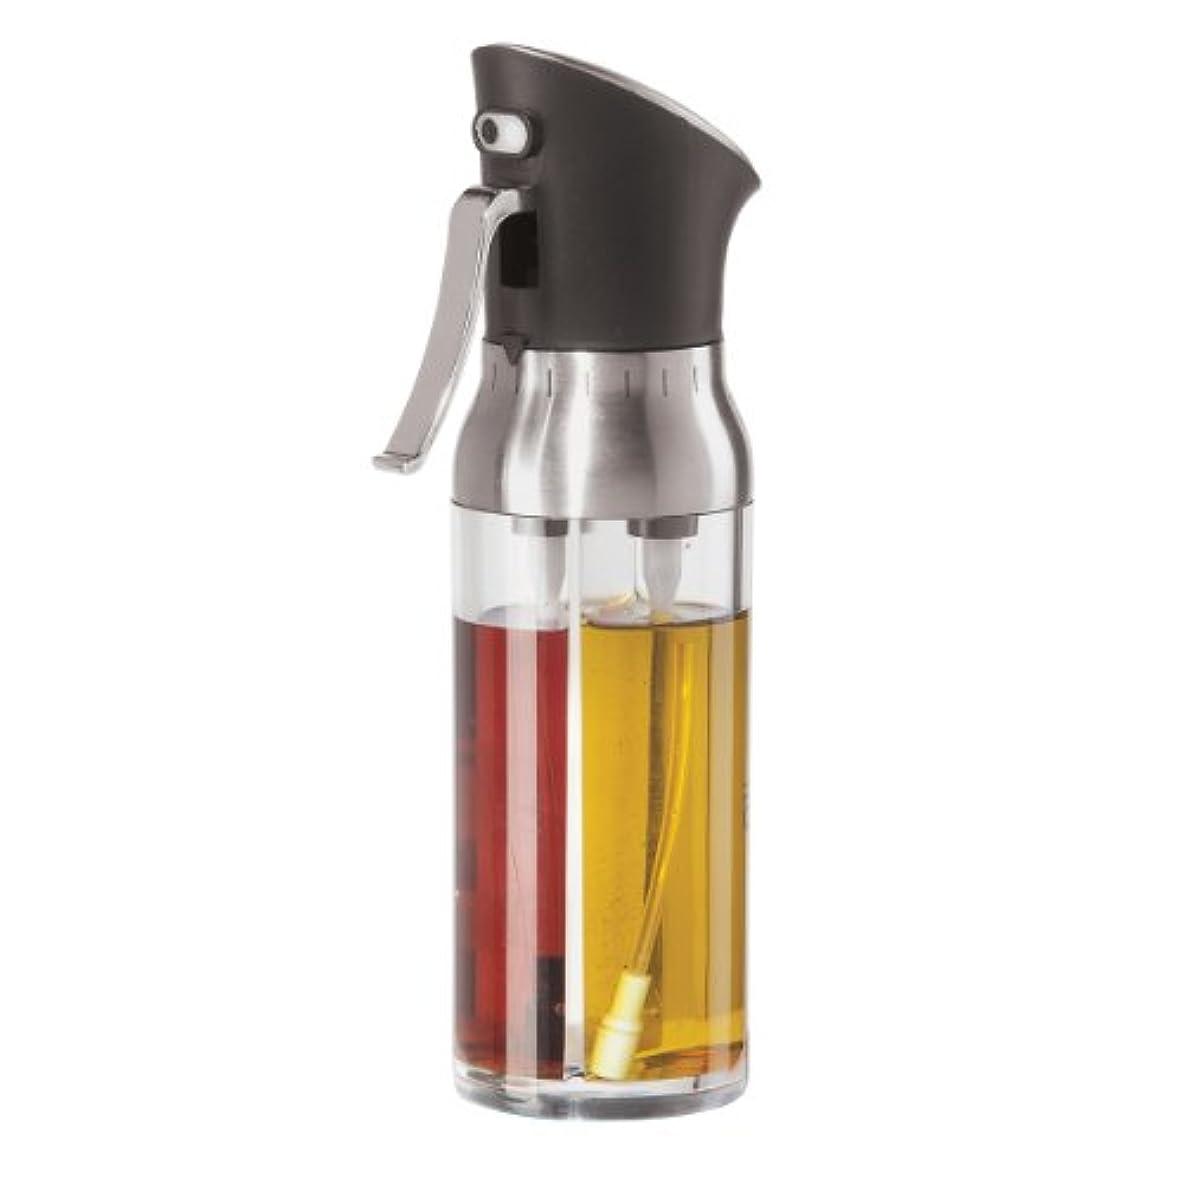 飛ぶカテゴリー写真撮影Oggi 6004 Mix and Mist Combination Oil and Vinegar Spray Bottle